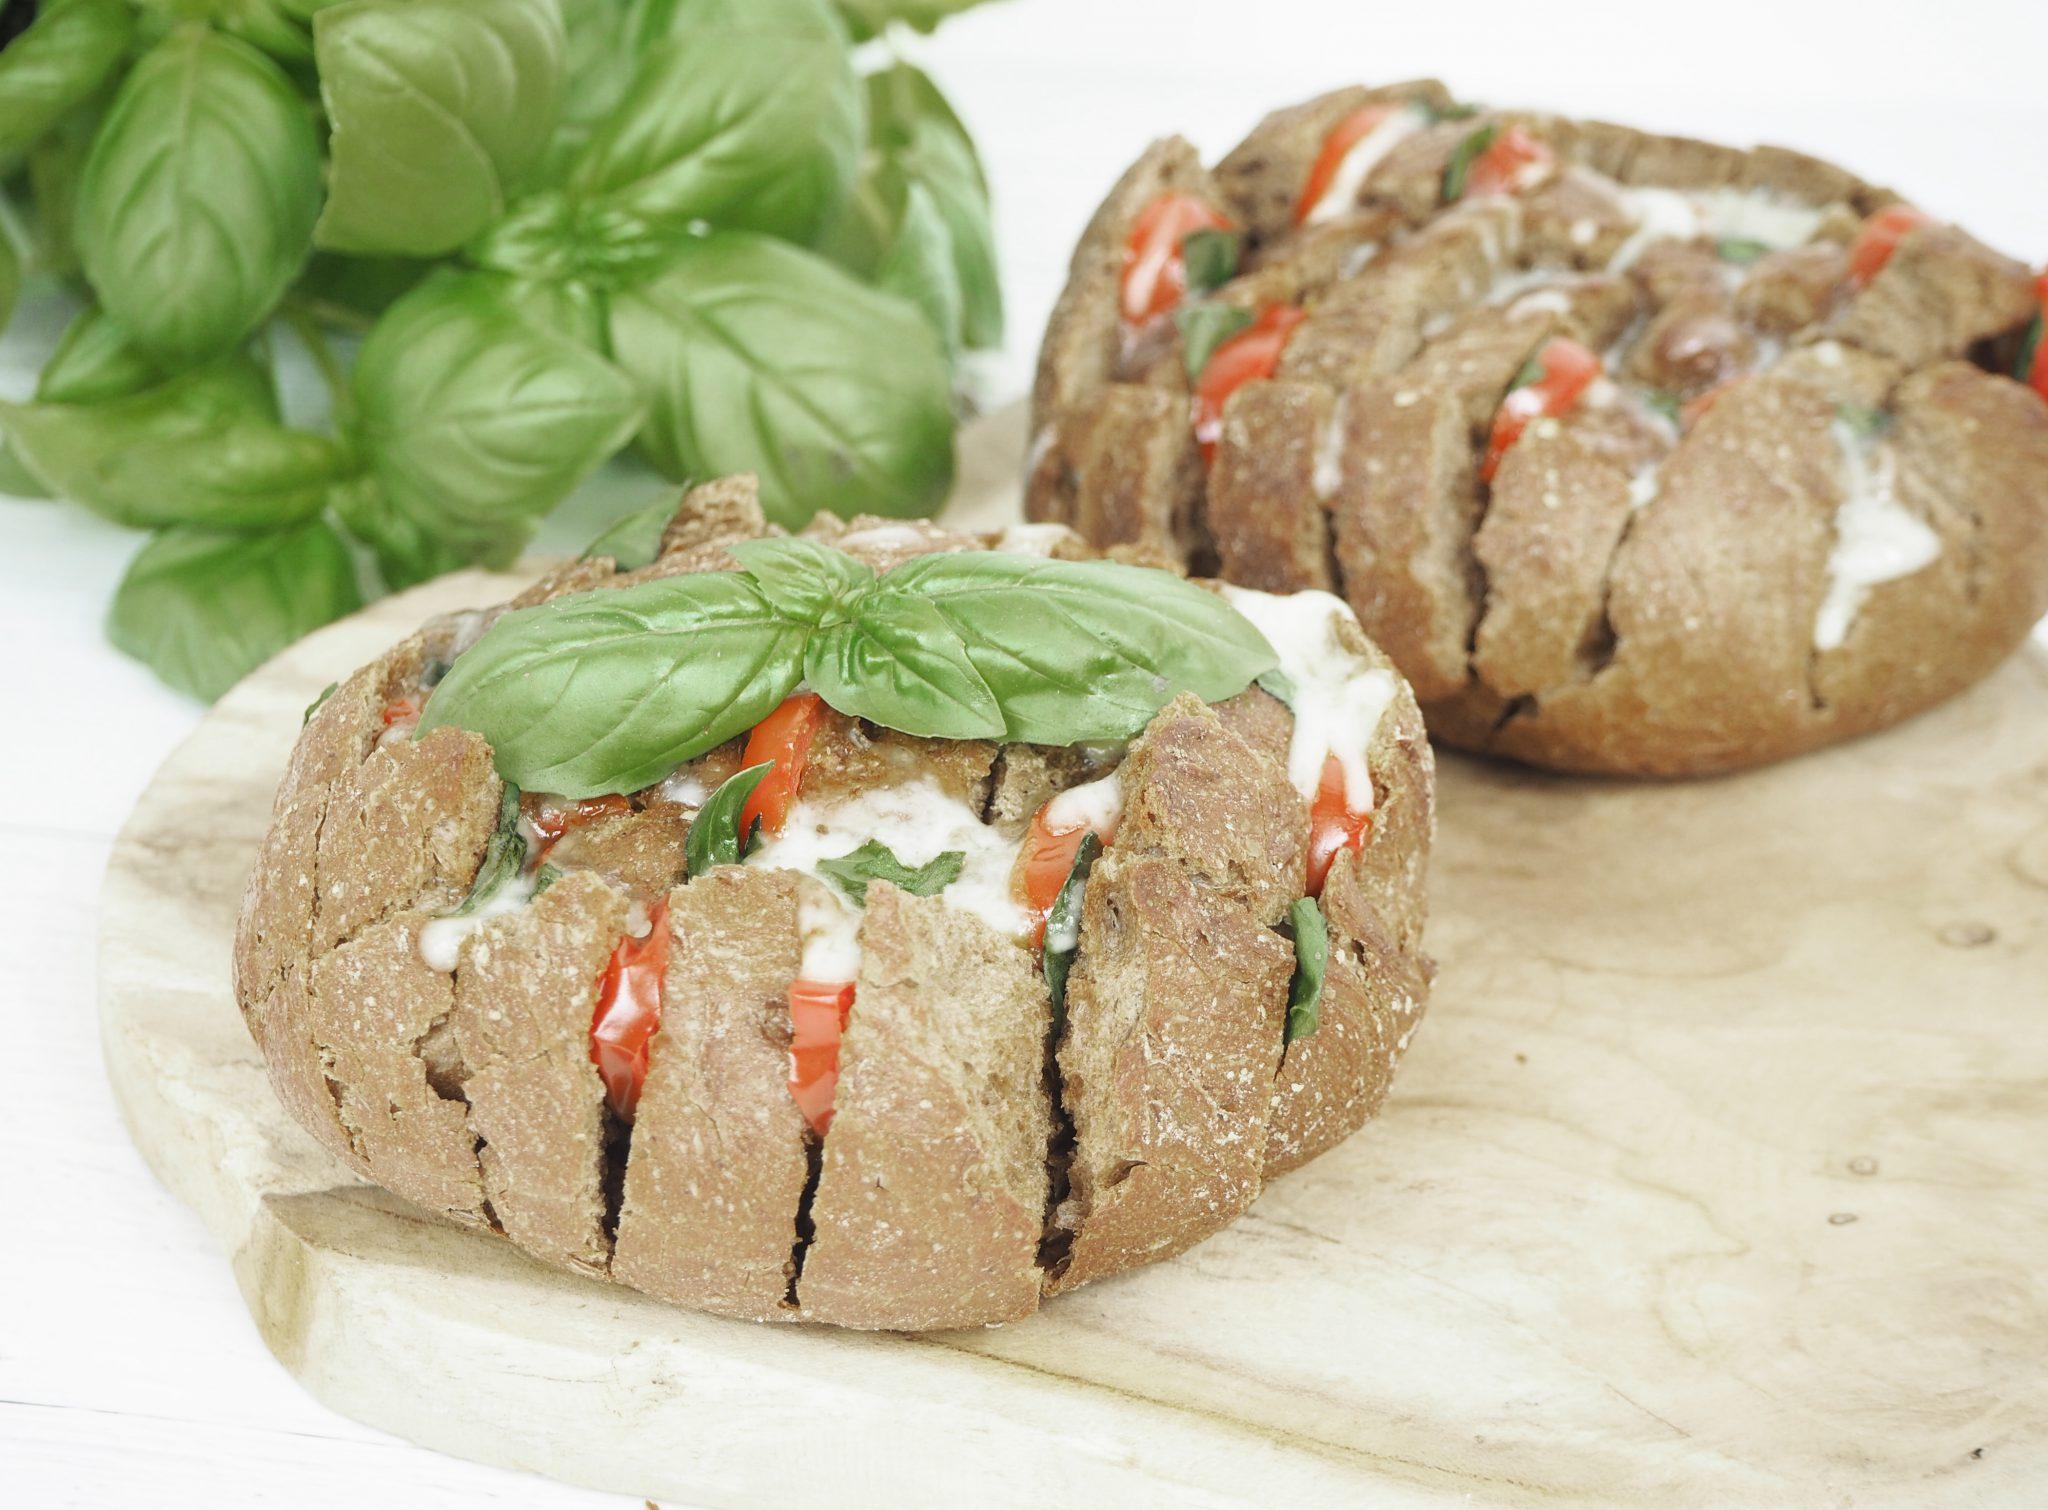 Brot mit Einschnitten gefüllt mit Tomate Mozzarella